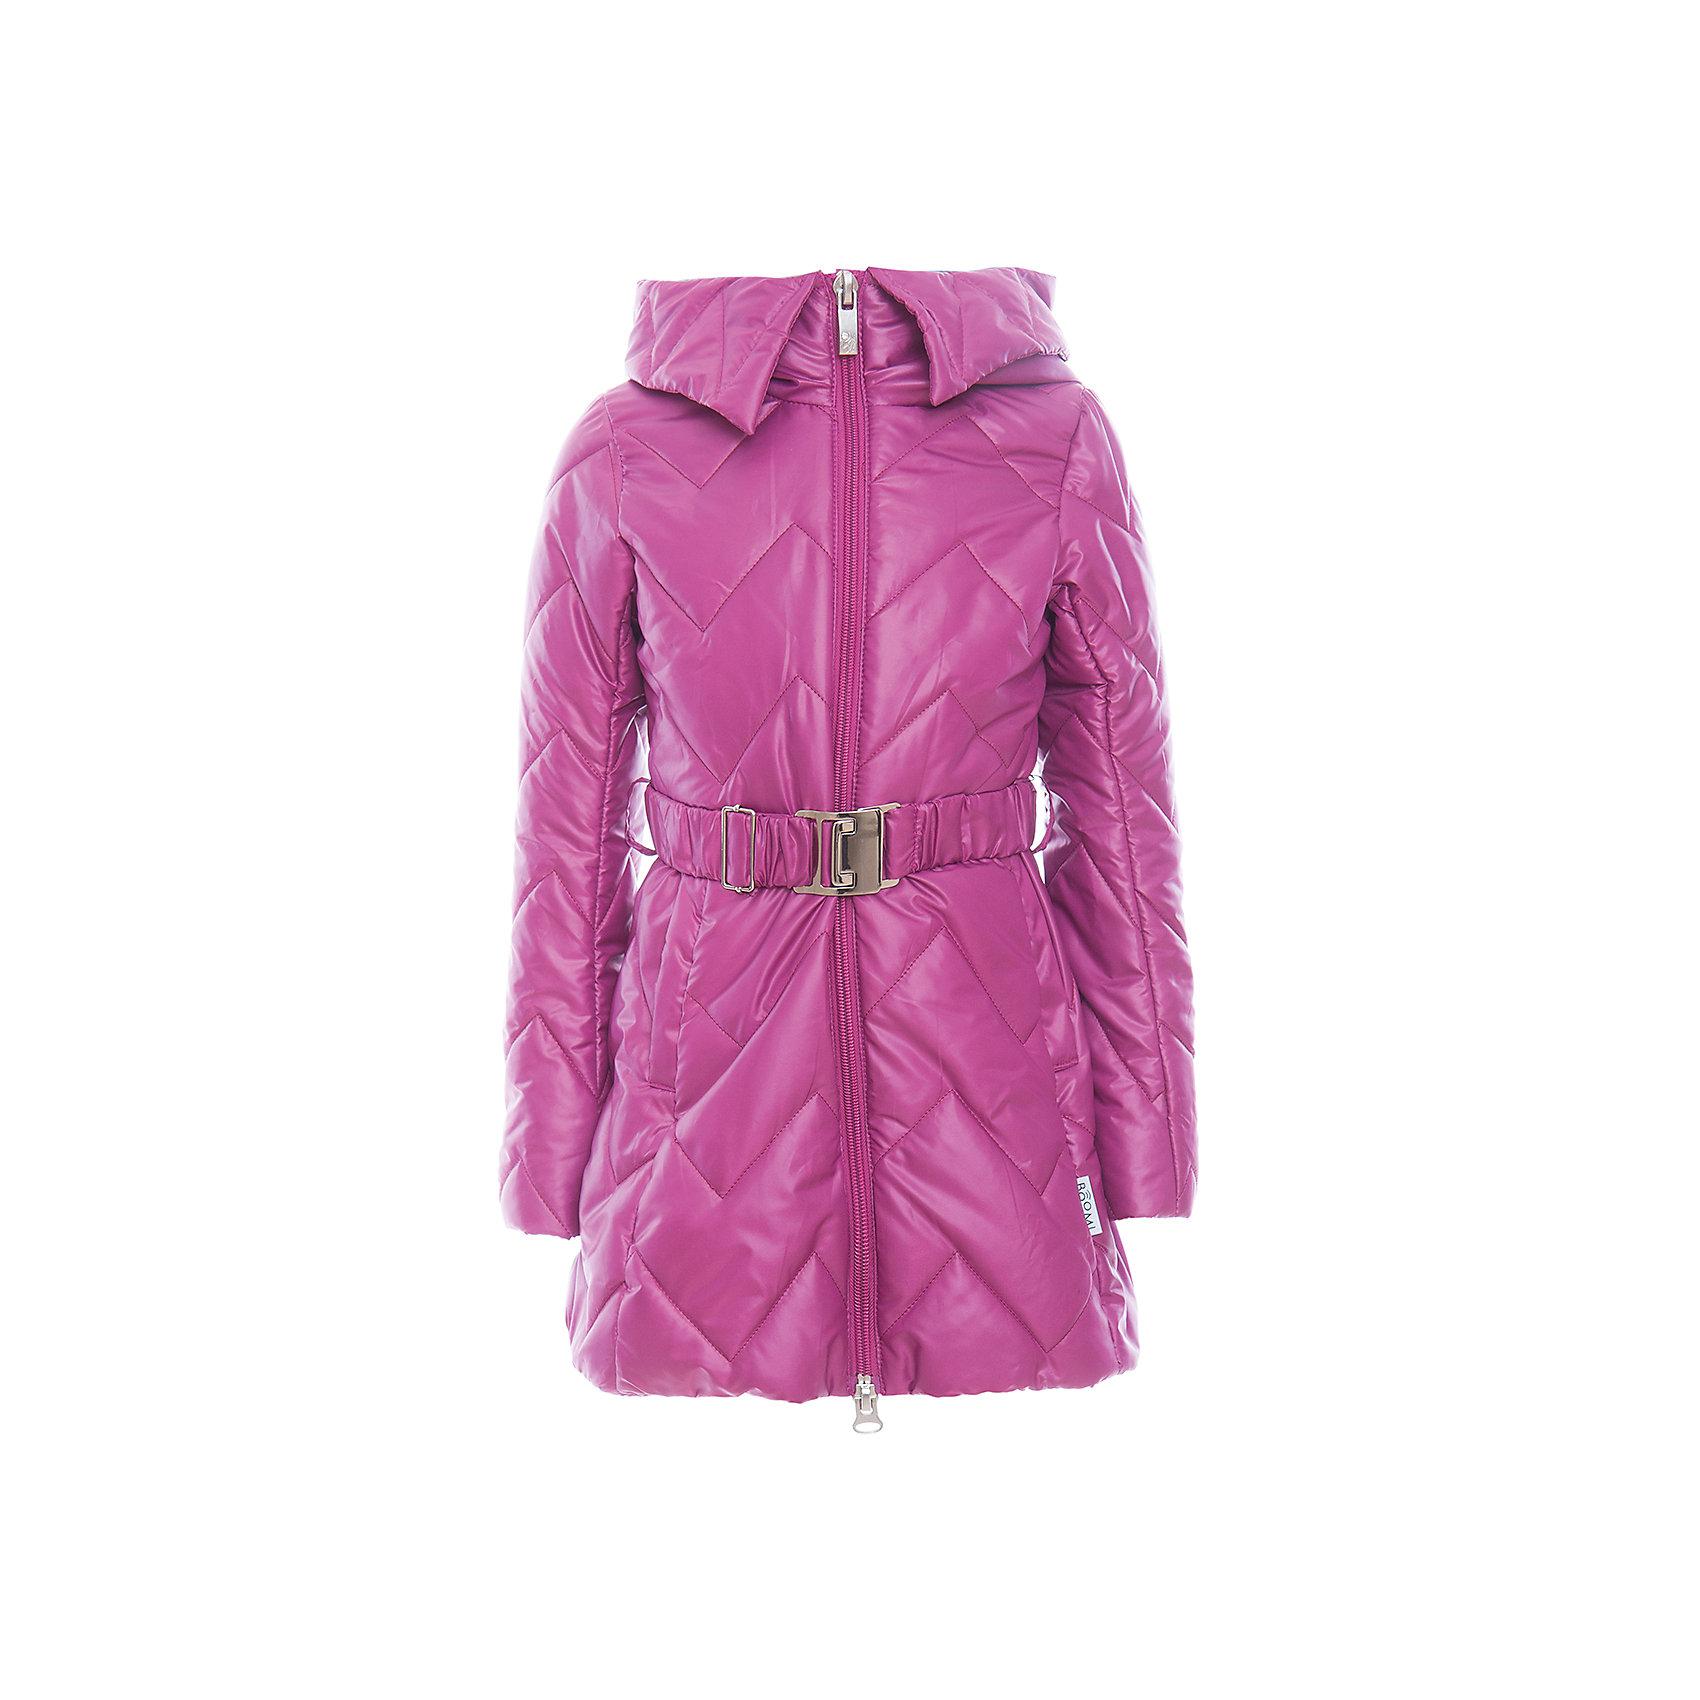 Пальто для девочки BOOM by OrbyВерхняя одежда<br>Характеристики товара:<br><br>• цвет: фиолетовый<br>• состав: 100% полиэстер; верх - таффета , подкладка - флис, поликоттон, полиэстер, утеплитель: Flexy Fiber 150 г/м2<br>• температурный режим: от -5 С° до +10 С° <br>• капюшон (не отстегивается)<br>• карманы<br>• пояс с пряжкой<br>• высокий воротник<br>• застежка - молния<br>• стеганое<br>• длина до колен<br>• комфортная посадка<br>• страна производства: Российская Федерация<br>• страна бренда: Российская Федерация<br>• коллекция: весна-лето 2017<br><br>Такое пальто - отличный вариант для походов в школу в межсезонье с его постоянно меняющейся погодой. Эта модель - модная и удобная одновременно! Изделие отличается стильным элегантным дизайном. Пальто хорошо сидит по фигуре, отлично сочетается с различным низом. Вещь была разработана специально для детей.<br>Одежда от российского бренда BOOM by Orby уже завоевала популярностью у многих детей и их родителей. Вещи, выпускаемые компанией, качественные, продуманные и очень удобные. Для производства коллекций используются только безопасные для детей материалы. Спешите приобрести модели из новой коллекции Весна-лето 2017! <br><br>Пальто для девочки от бренда BOOM by Orby можно купить в нашем интернет-магазине.<br><br>Ширина мм: 356<br>Глубина мм: 10<br>Высота мм: 245<br>Вес г: 519<br>Цвет: лиловый<br>Возраст от месяцев: 60<br>Возраст до месяцев: 72<br>Пол: Женский<br>Возраст: Детский<br>Размер: 116,122,128,134,140,146,152,158,98,110,104<br>SKU: 5343296